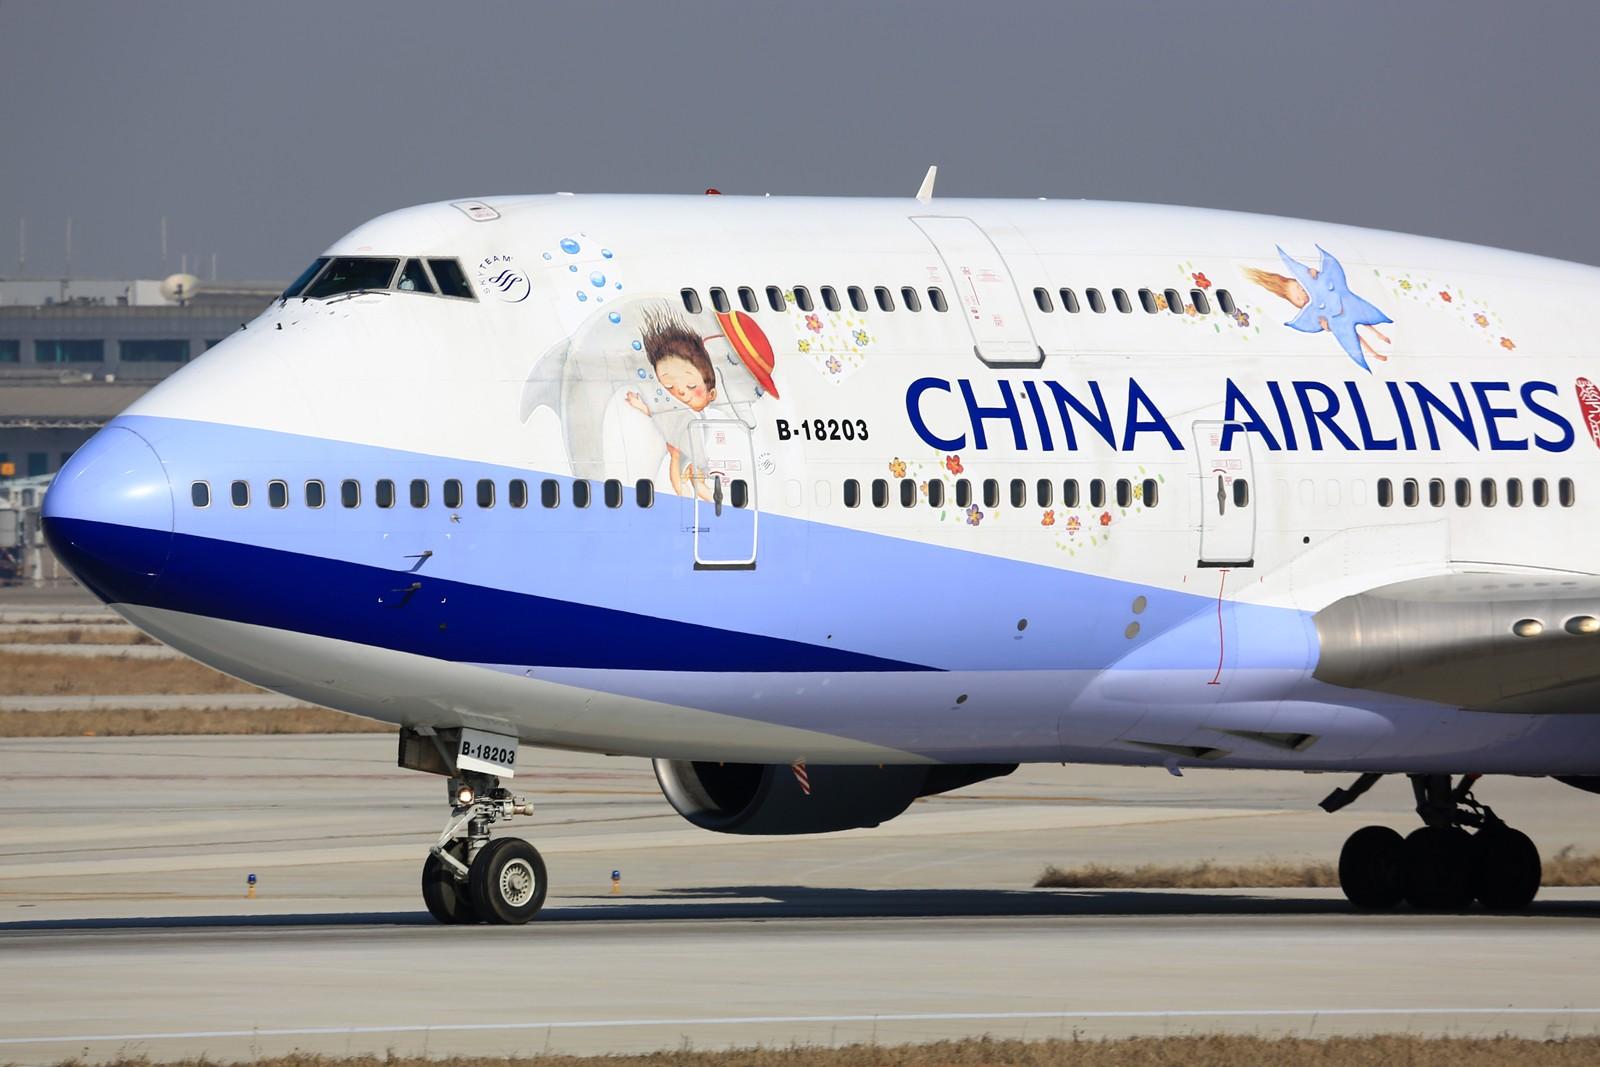 Re:[原创]【NKG】**********2015新年好!南跑25头新拍机位:华航744吉米彩绘,汉莎343,东海738********** BOEING 747-400 B-18203 中国南京禄口国际机场